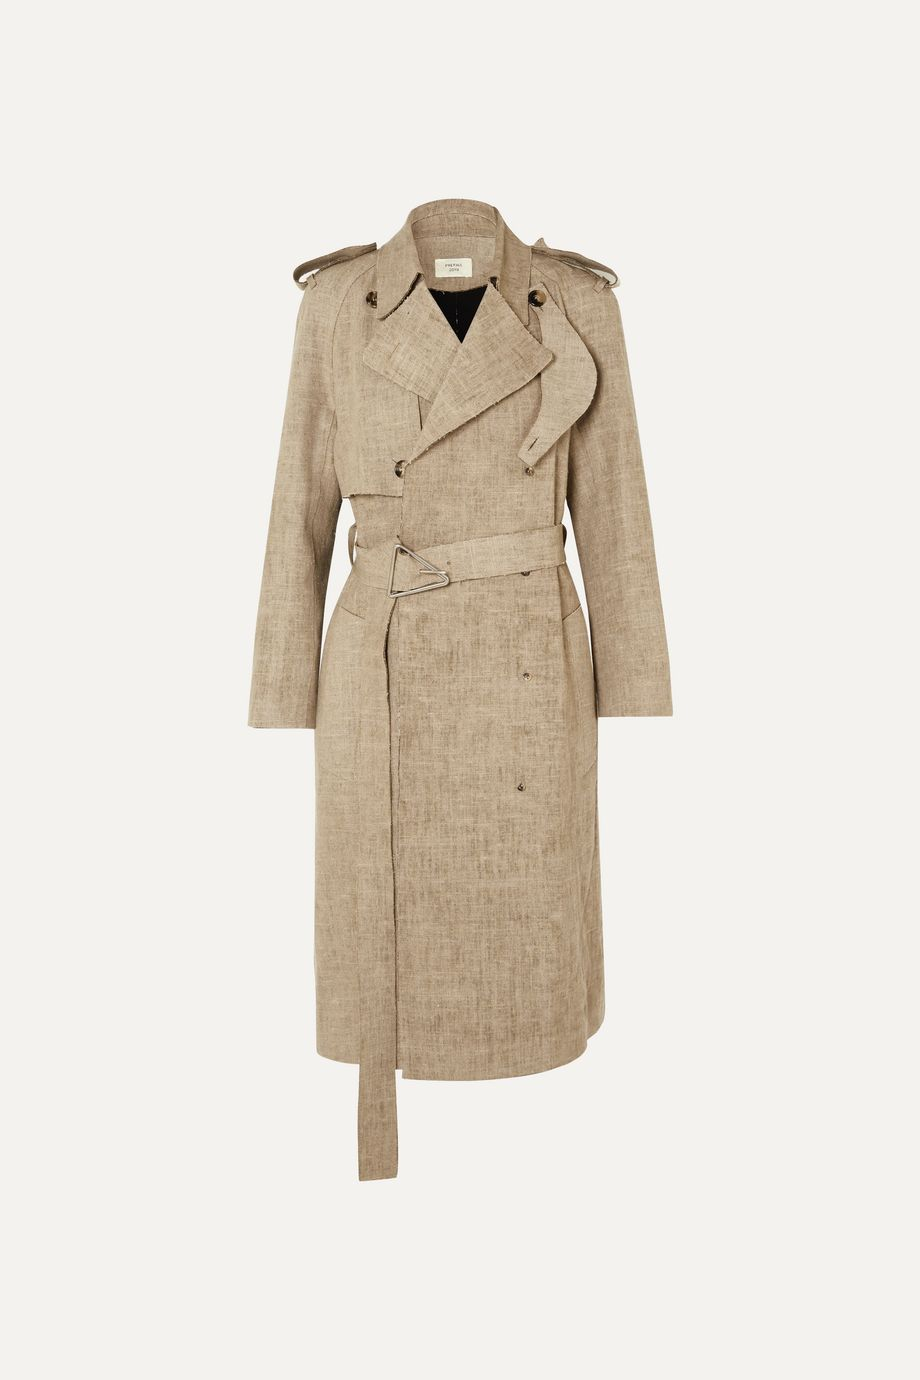 Bottega Veneta Frayed belted linen trench coat